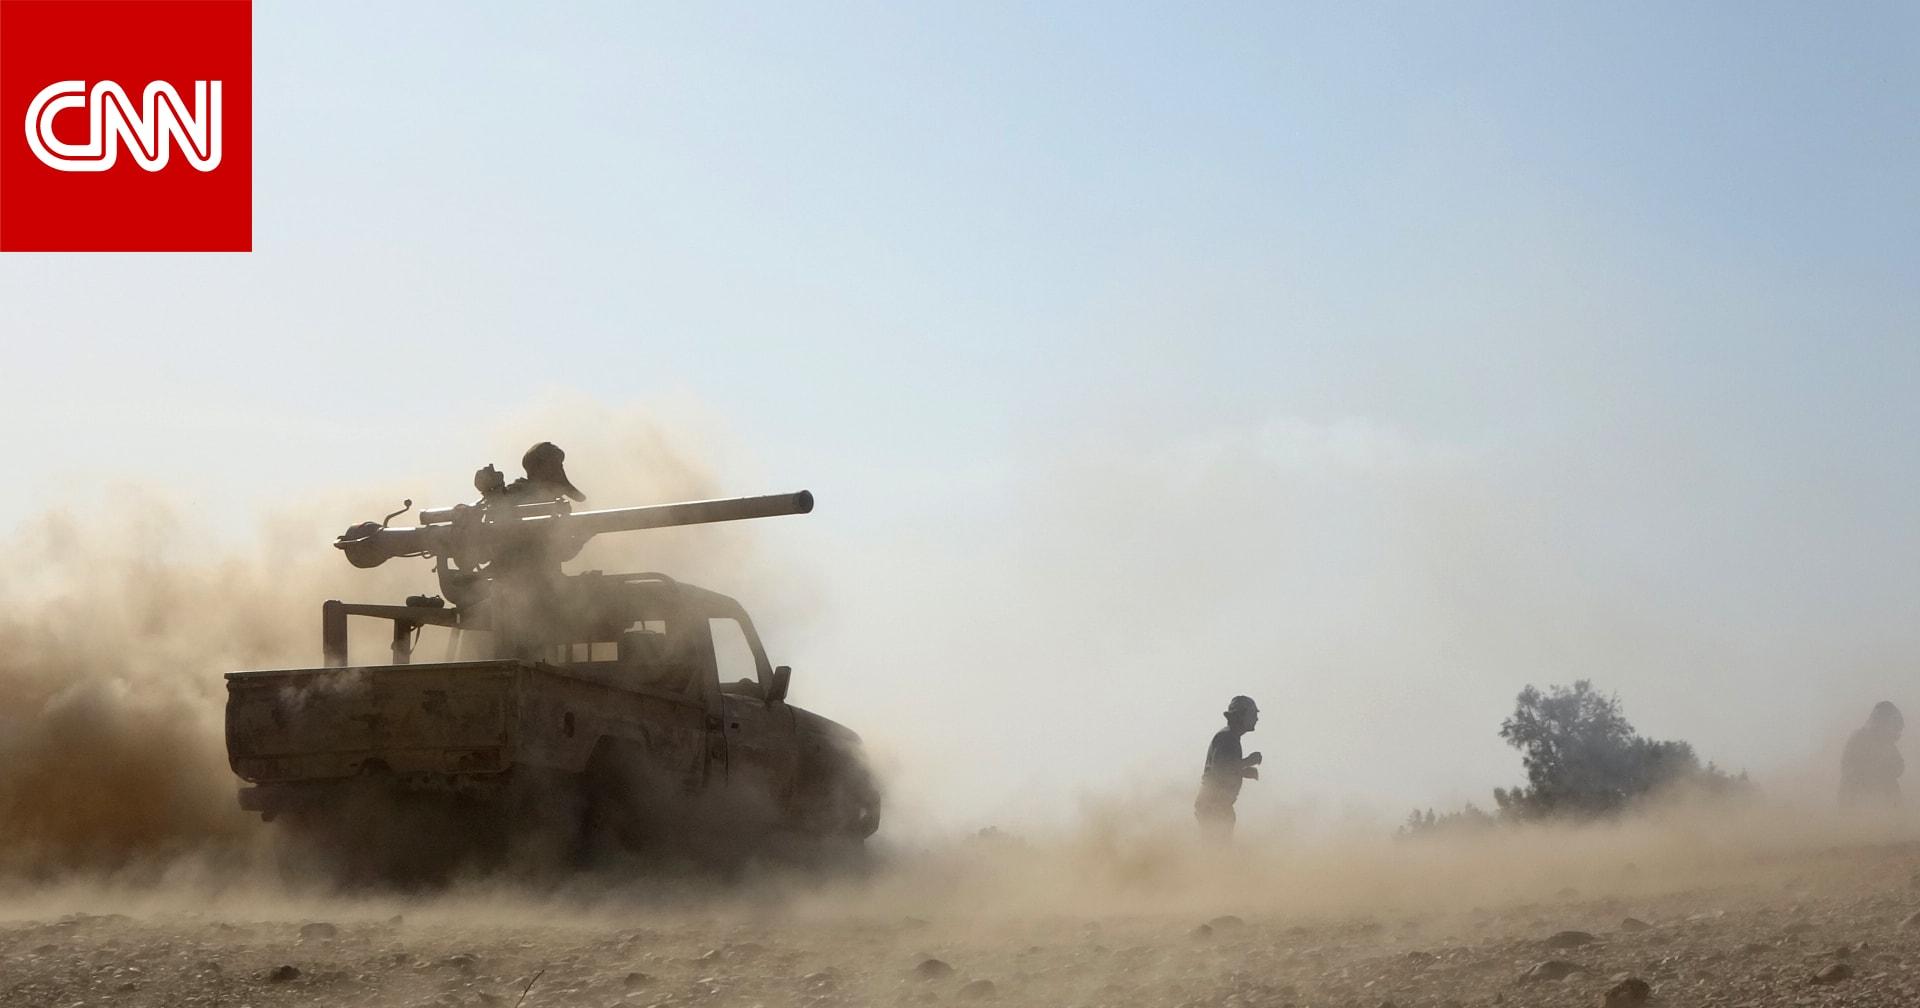 اليمن: الأمم المتحدة تدعو لوقف إطلاق النار وهجوم الحوثيين على مأرب